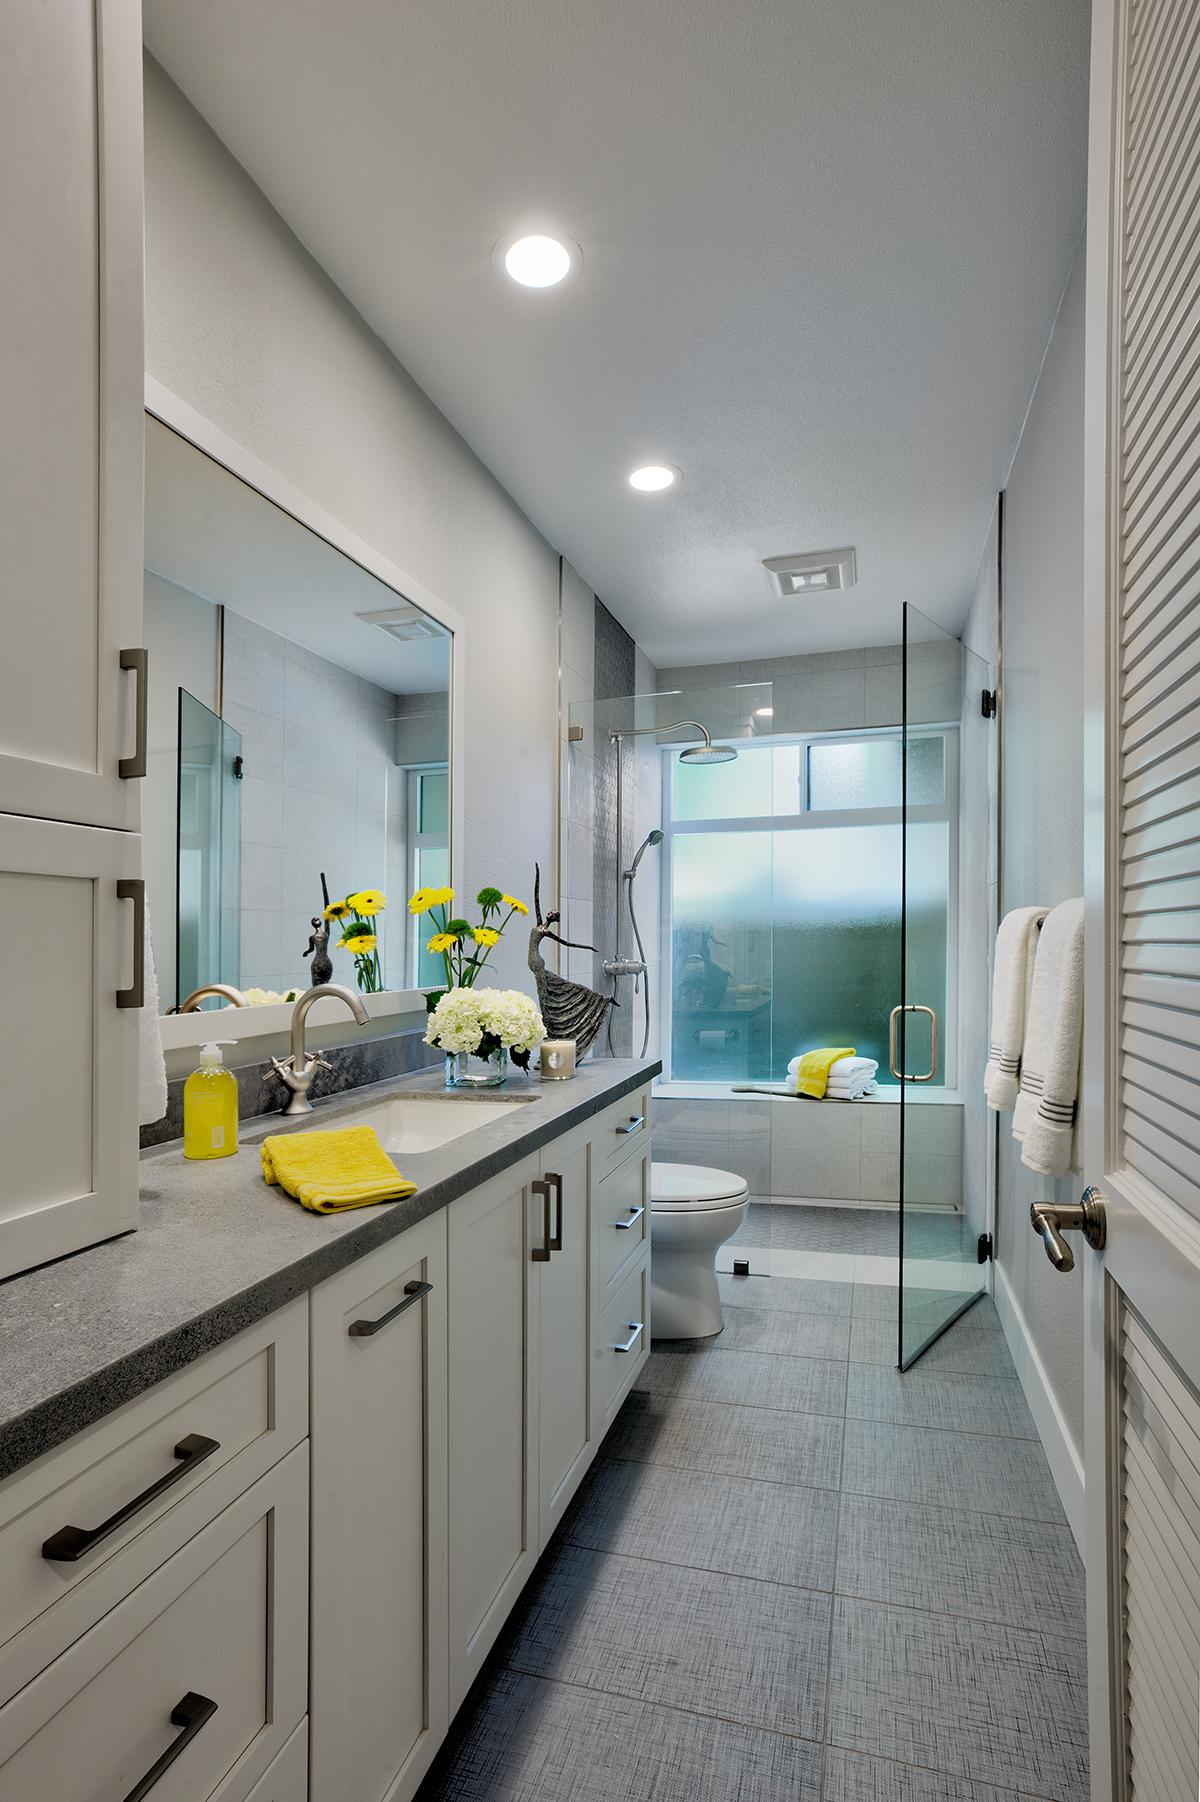 Gold River Bathroom Remodel 2